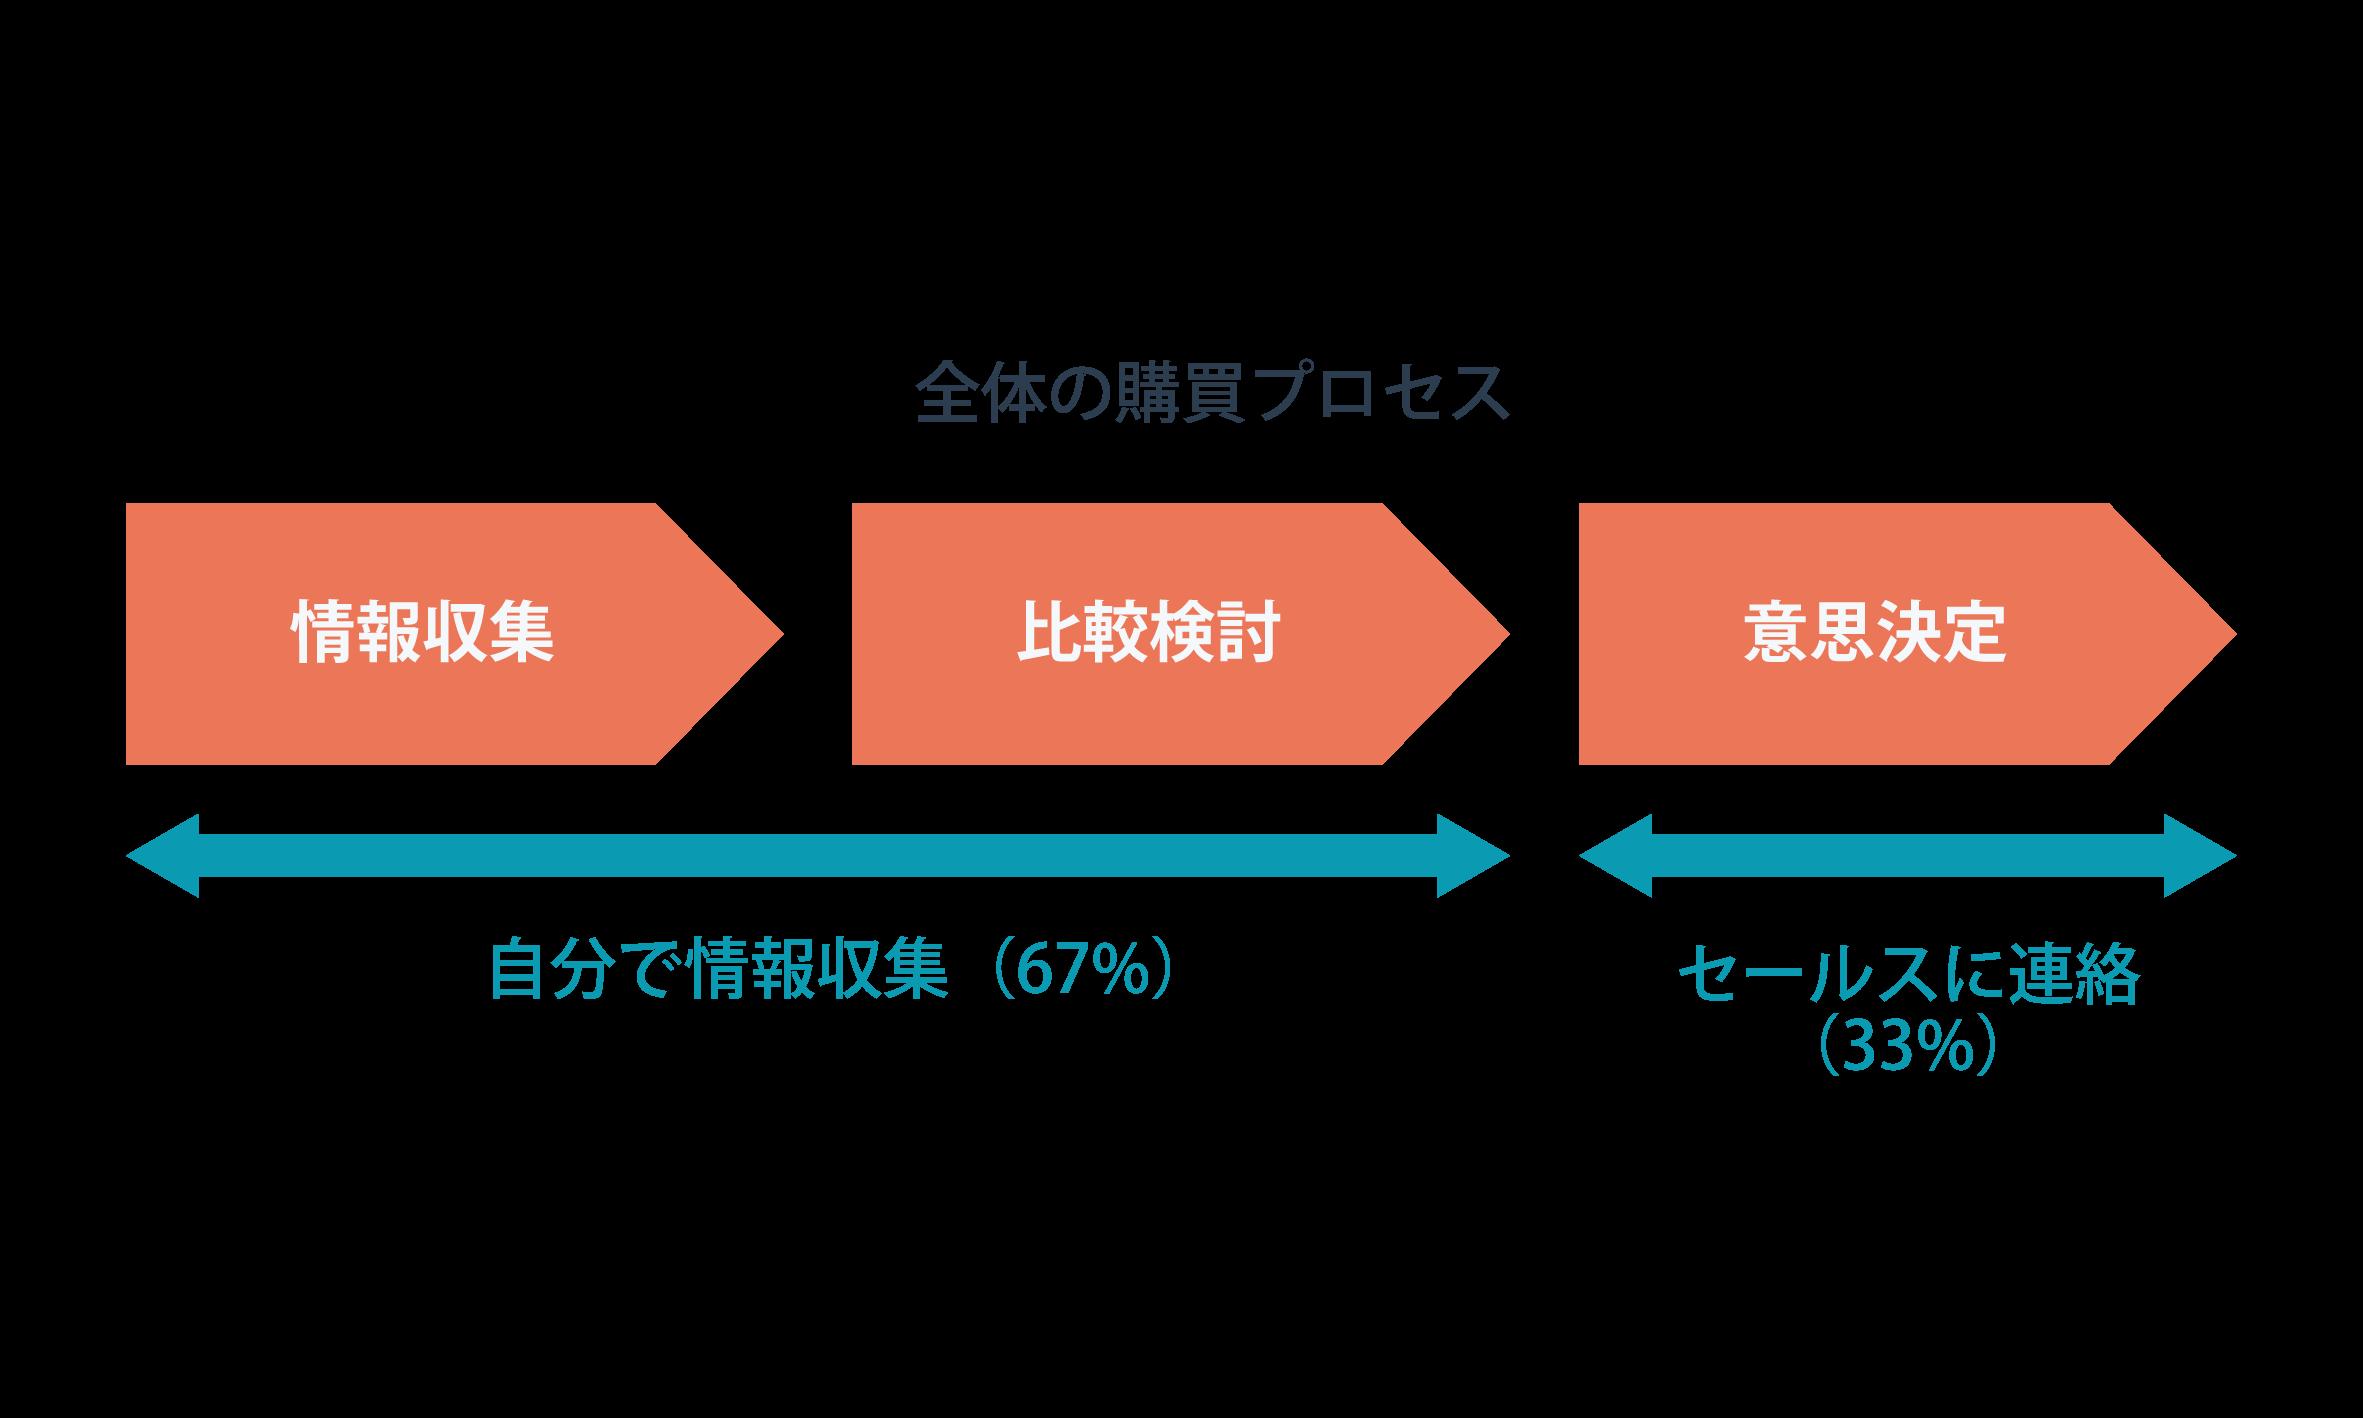 BtoB企業の購買プロセス